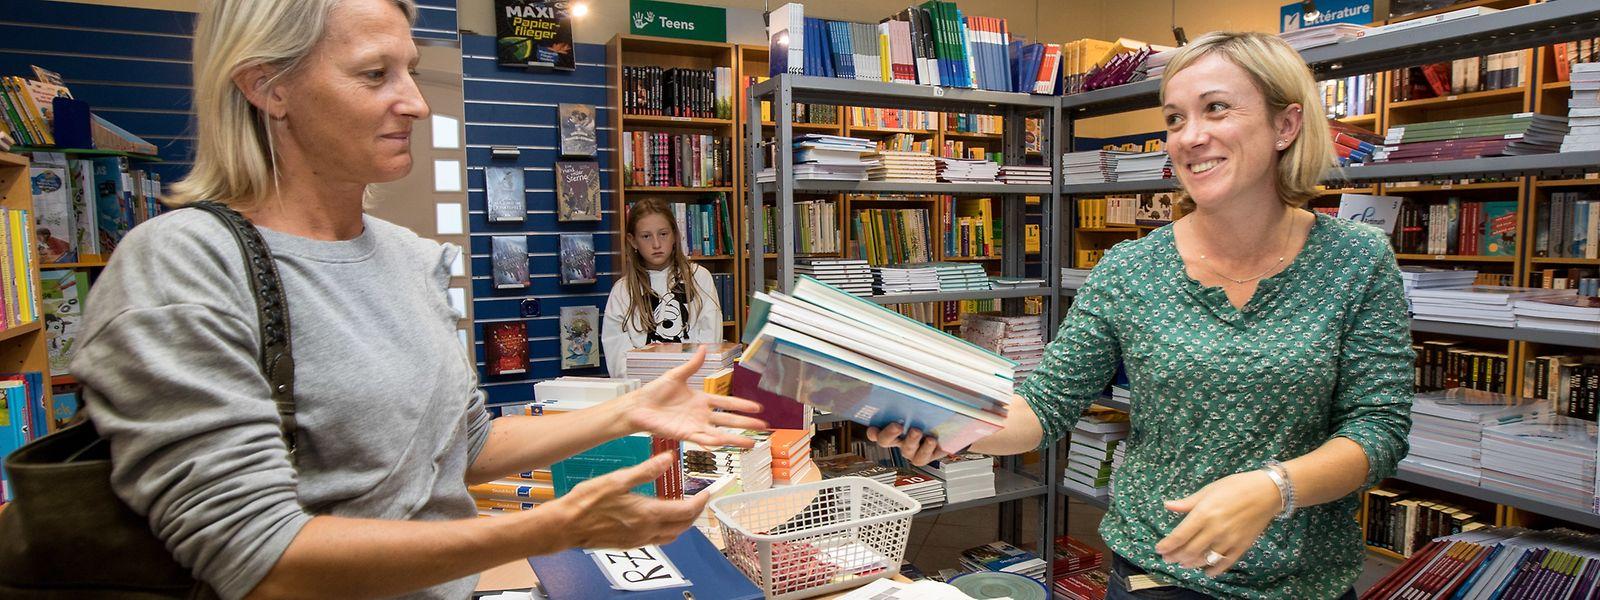 Die kostenlosen Bücher können sich die Schüler online aussuchen. Die Bestellung können sie dann in einem der teilnehmenden Geschäfte abholen – oder abholen lassen.